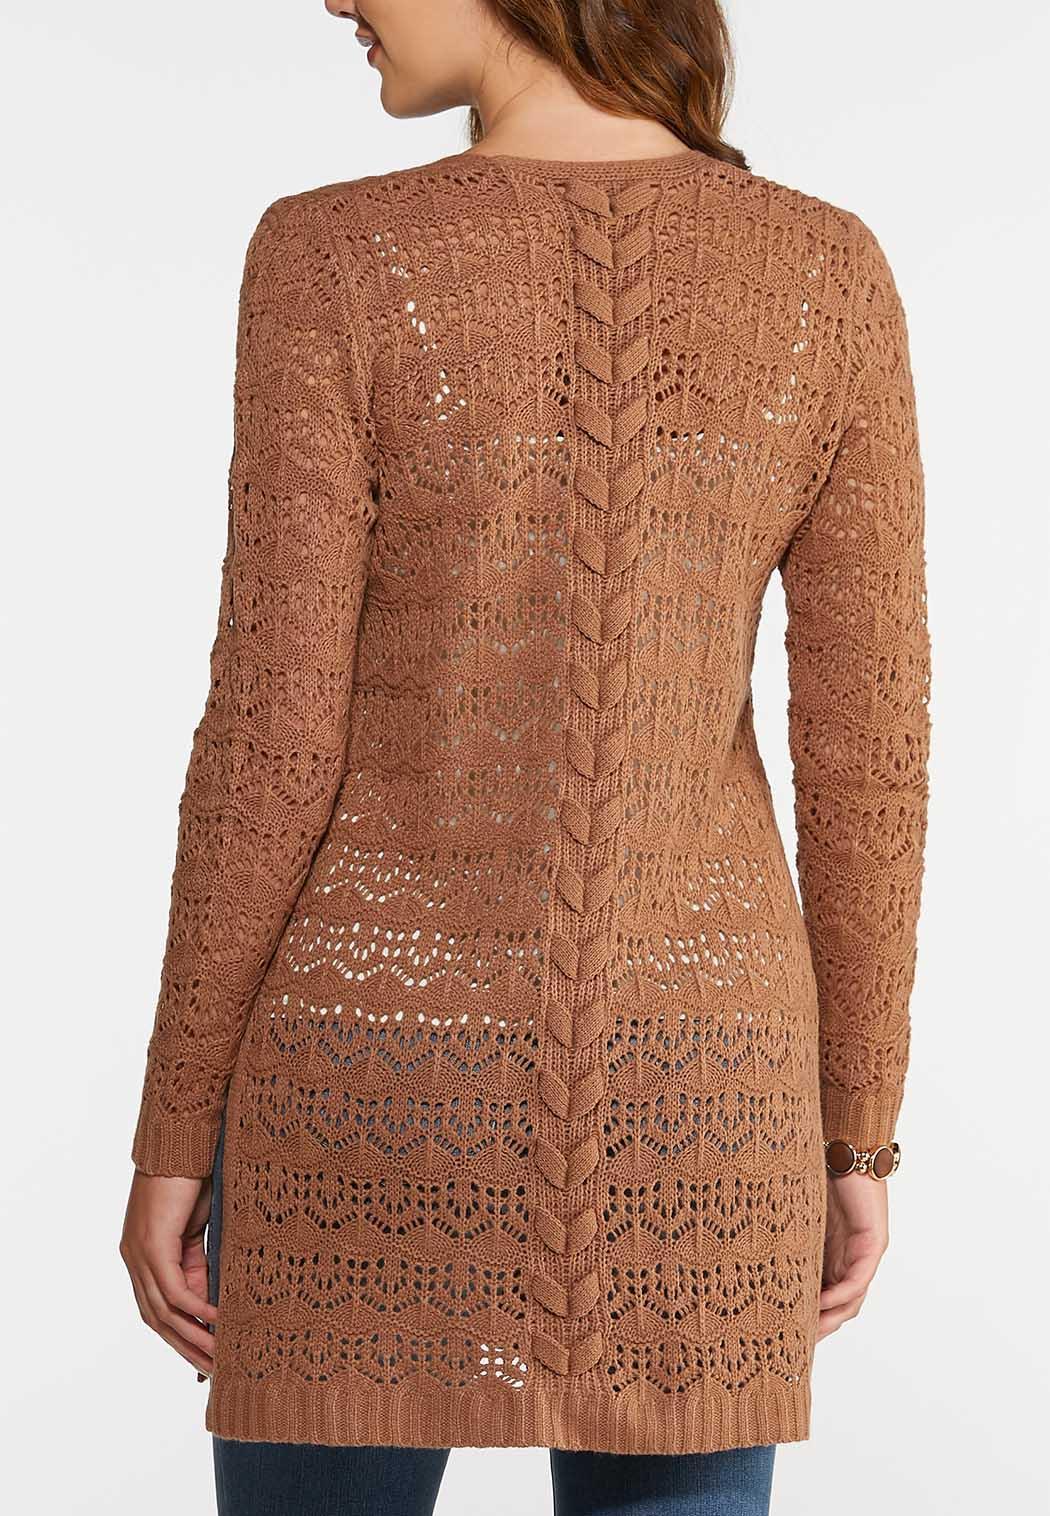 Beige Duster Cardigan Sweater (Item #43999842)